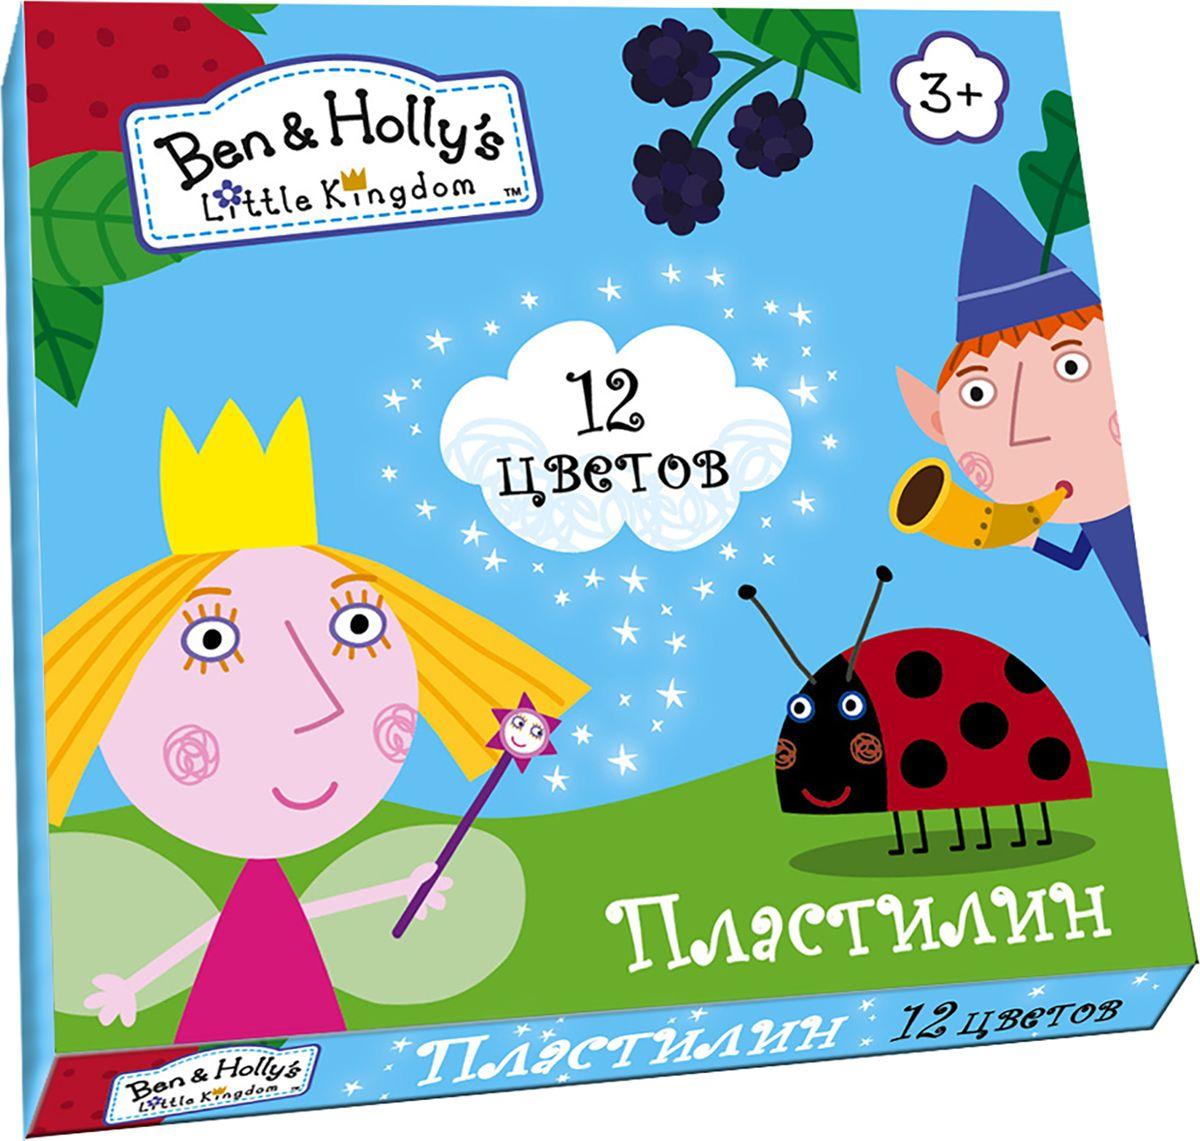 Ben&Holly Пластилин Бен и Холли 12 цветов31681Яркий и легко размягчающийся пластилин Бен и Холли поможет вашему малышу создать множество интересных поделок, а любимые герои мультфильма вдохновят его на новые творческие идеи. Лепить из этого пластилина легко и приятно: он обладает отличными пластичными свойствами, не липнет к рукам, не имеет запаха, его цвета легко смешиваются друг с другом. Создавайте новые цвета и оттенки, фантазируйте, экспериментируйте - это увлекательно и полезно: лепка активно тренирует у ребенка мелкую моторику и умение работать пальчиками, развивает тактильное восприятие формы, веса и фактуры, совершенствует воображение и пространственное мышление.В наборе Бен и Холли 12 ярких цветов пластилина по 15 г и пластиковая стека.Состав: парафин, петролатум, мел, каолин, красители.